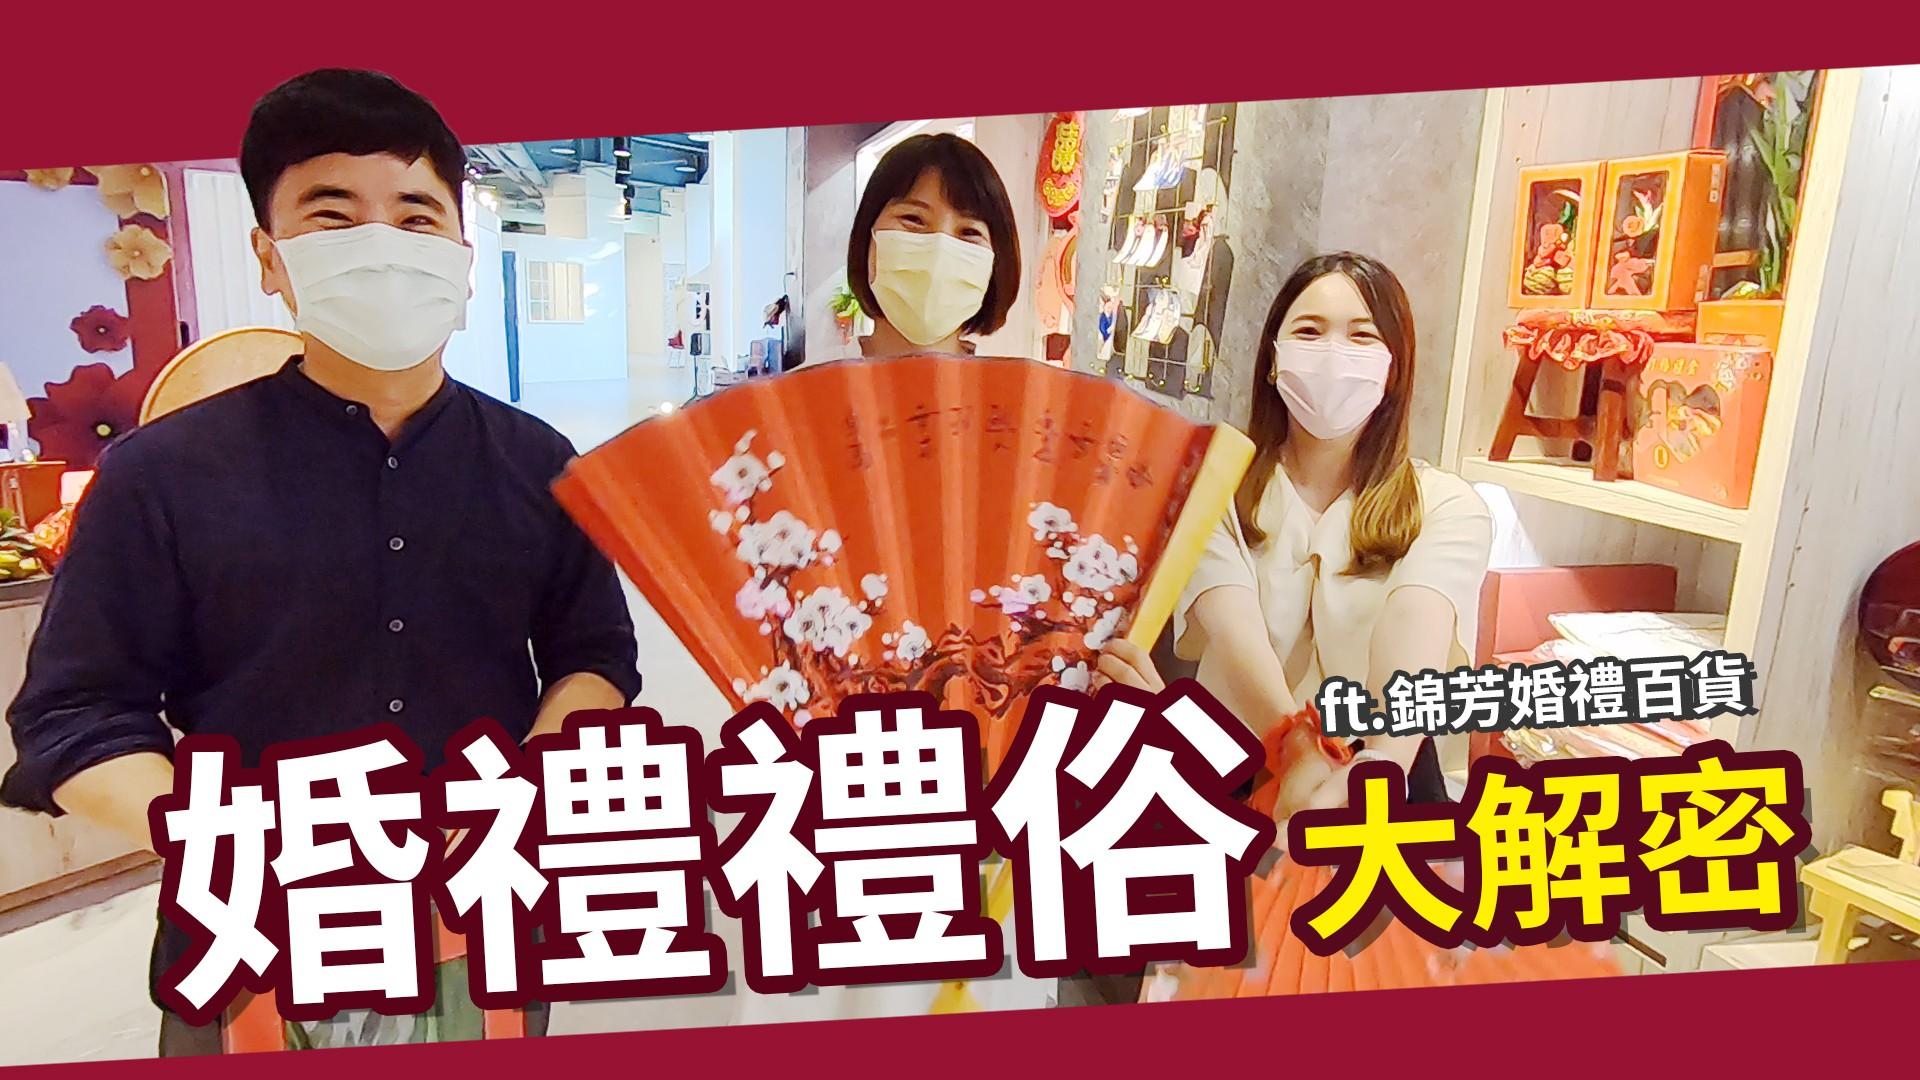 【OurWedding】第一集:禮俗大補帖 feat 錦芳百貨